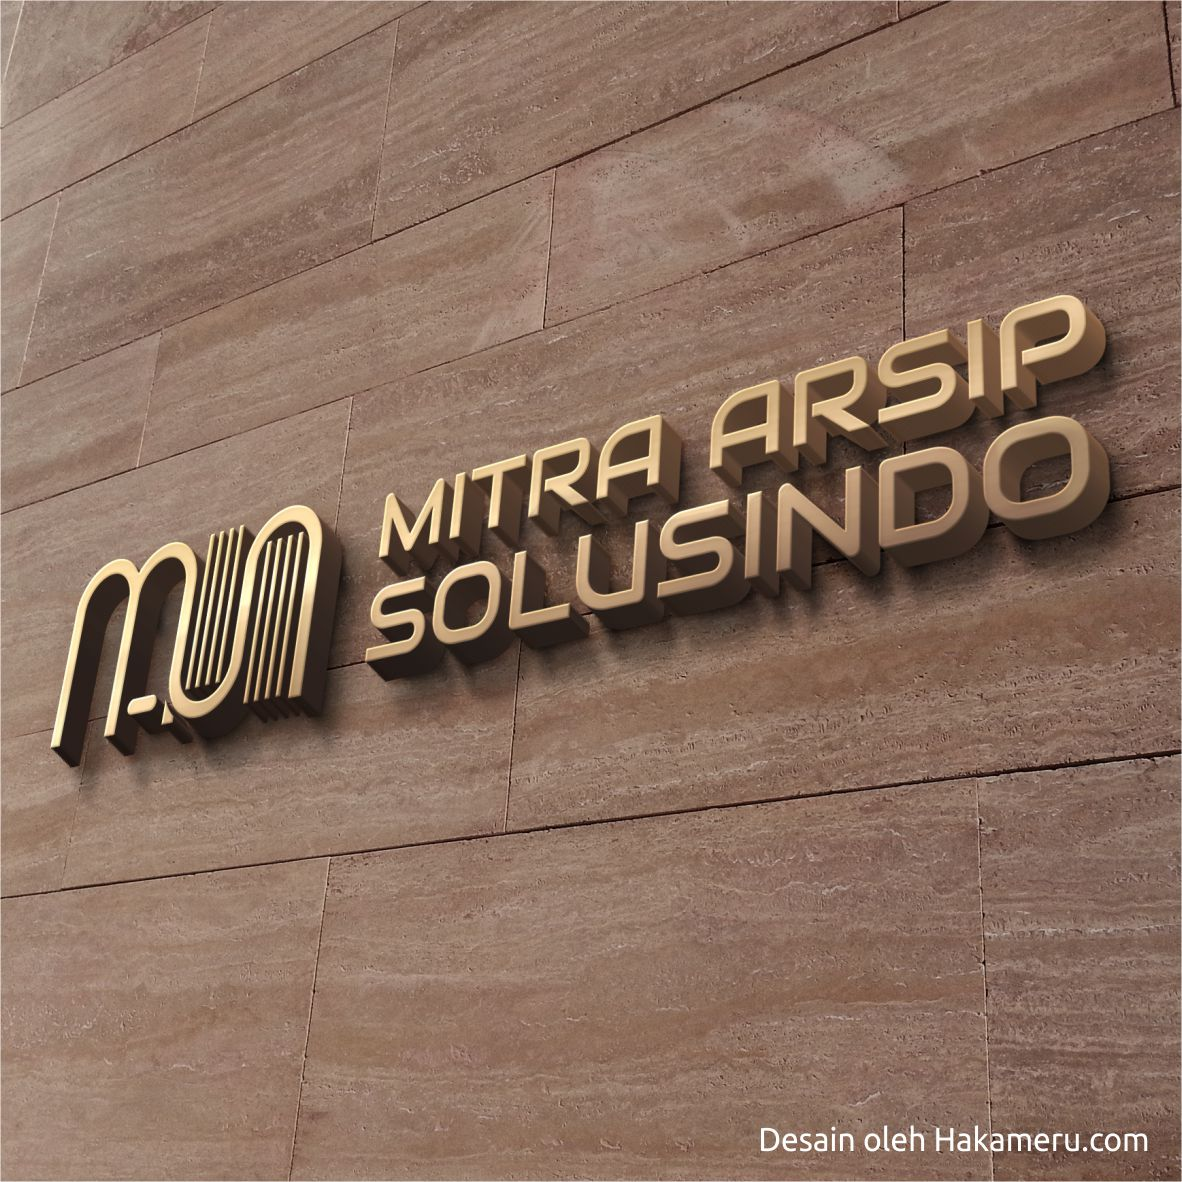 Desain logo untuk perusahaan penyedia jasa arsip PT Mitra Arsip Solusindo - Jasa Desain Grafis Online HAKAMERU